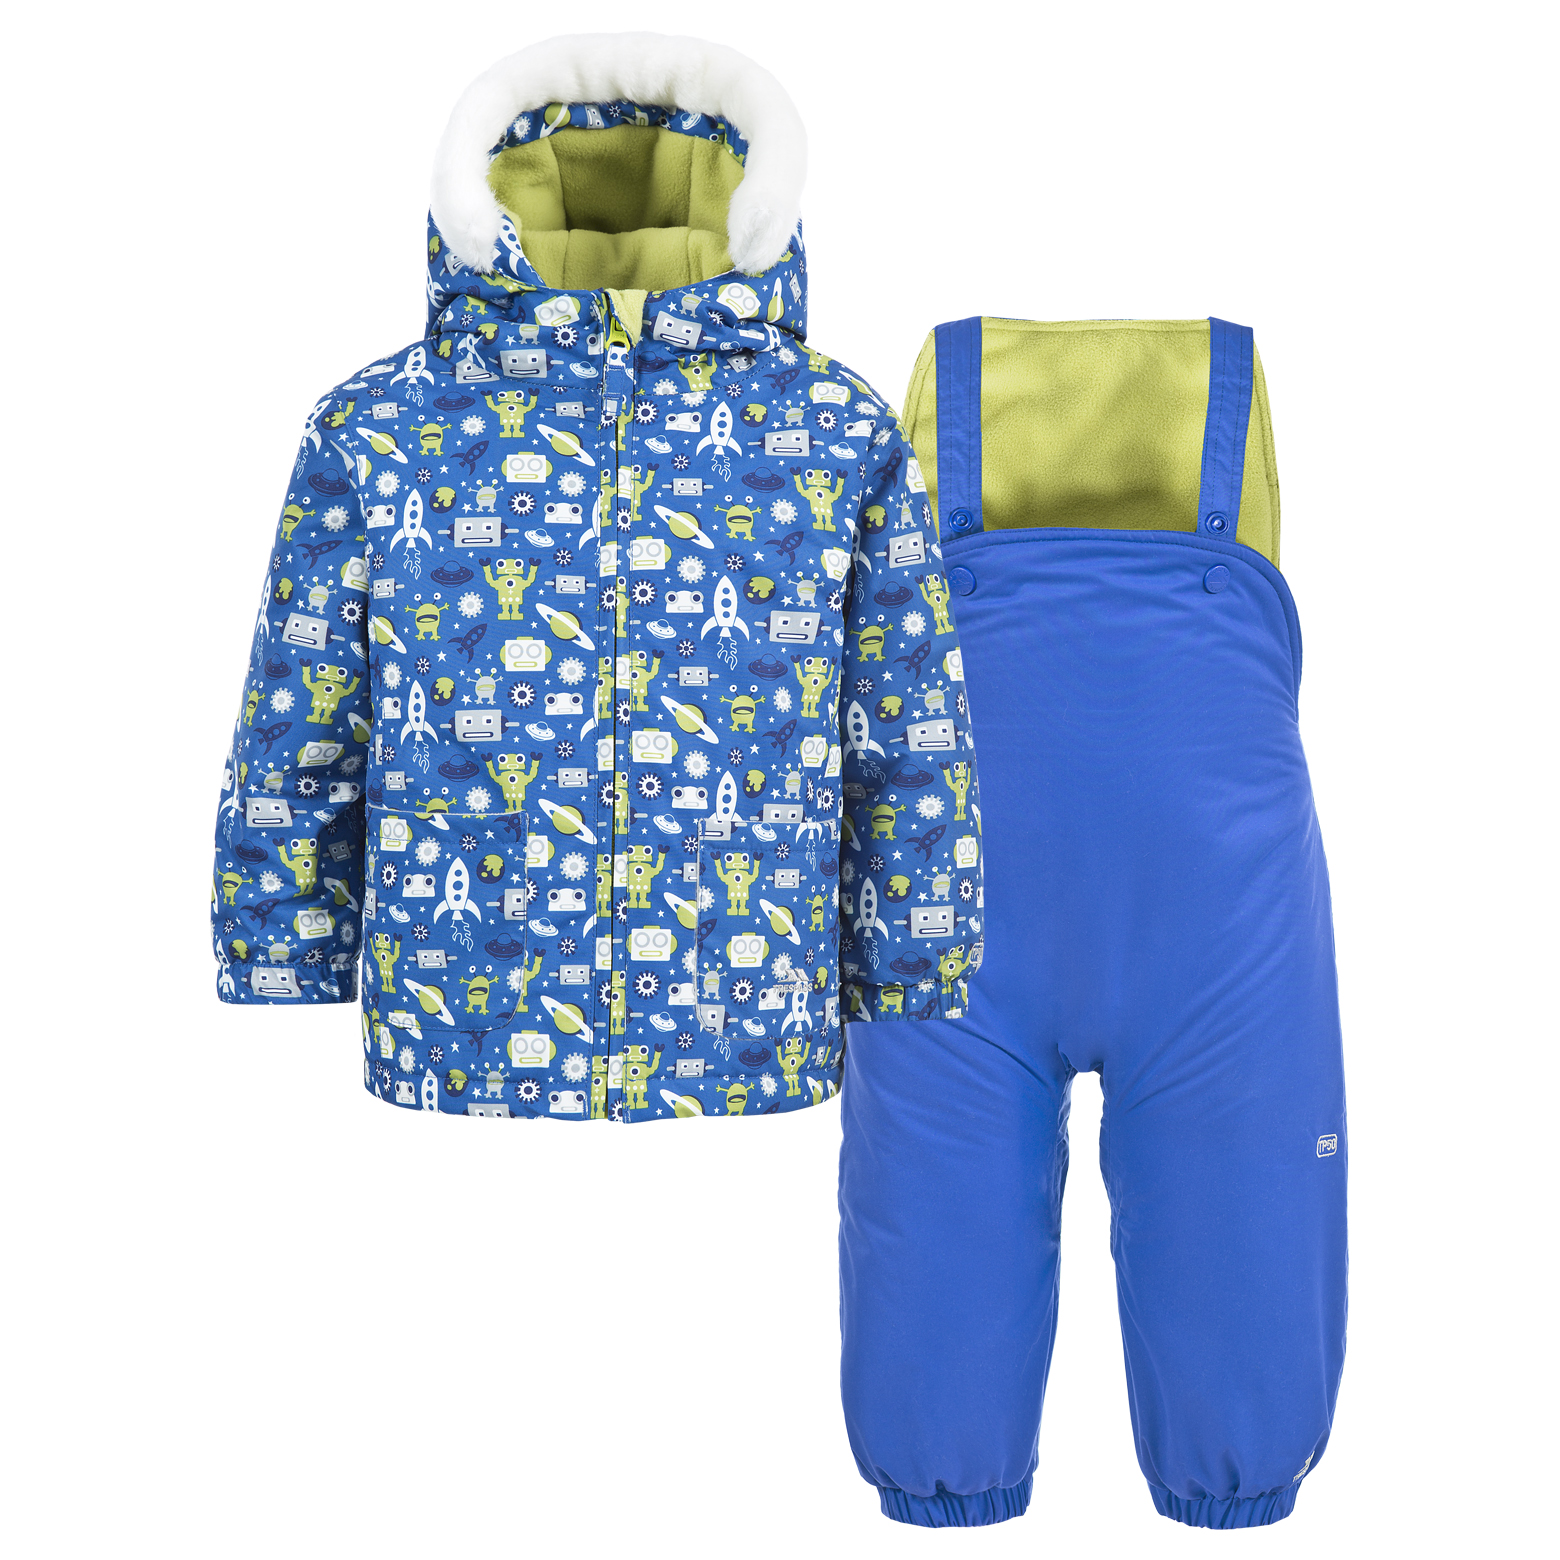 2b2e42fa1 Squeezy Babies Ski Suit